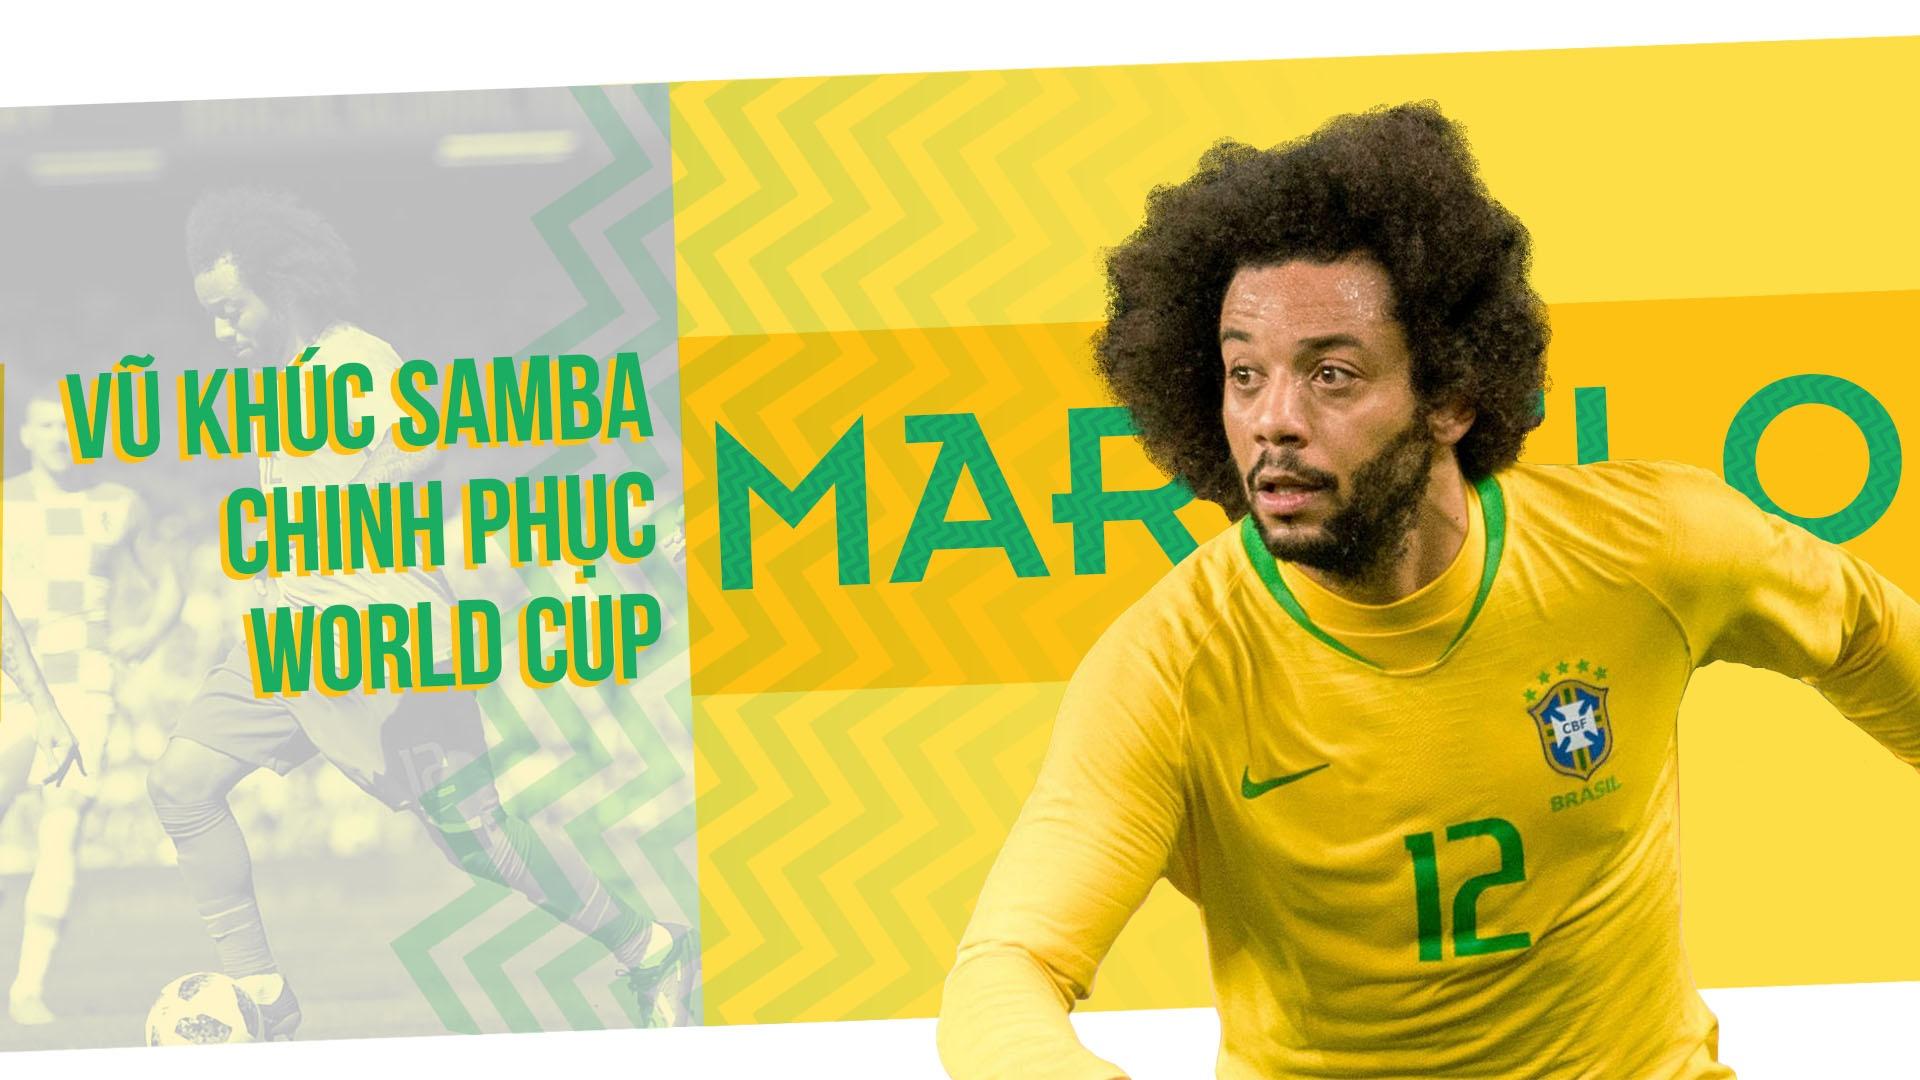 Marcelo – Vu khuc Samba chinh phuc World Cup anh 2